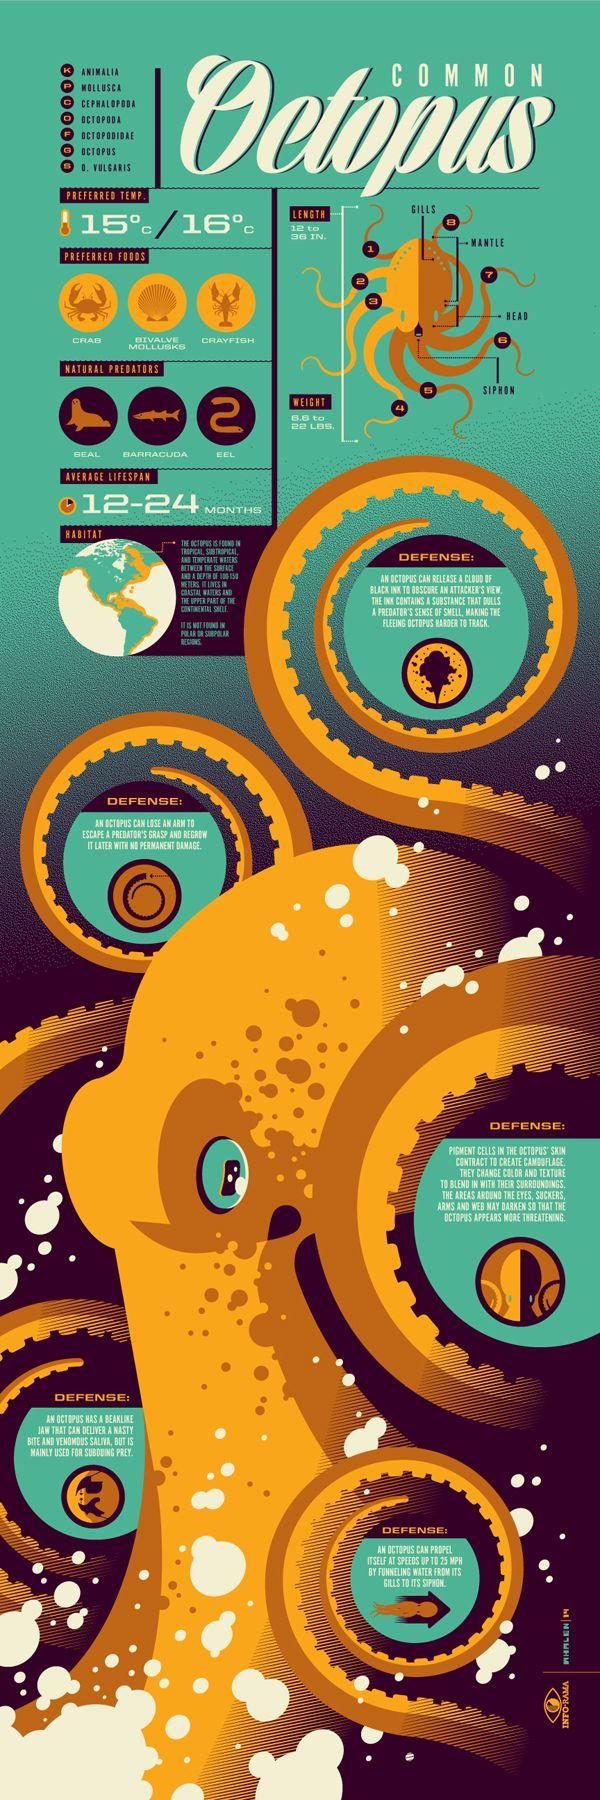 http://www.geek-art.net/info-rama-tom-whalen-kevin-tong-phone-booth-gallery/